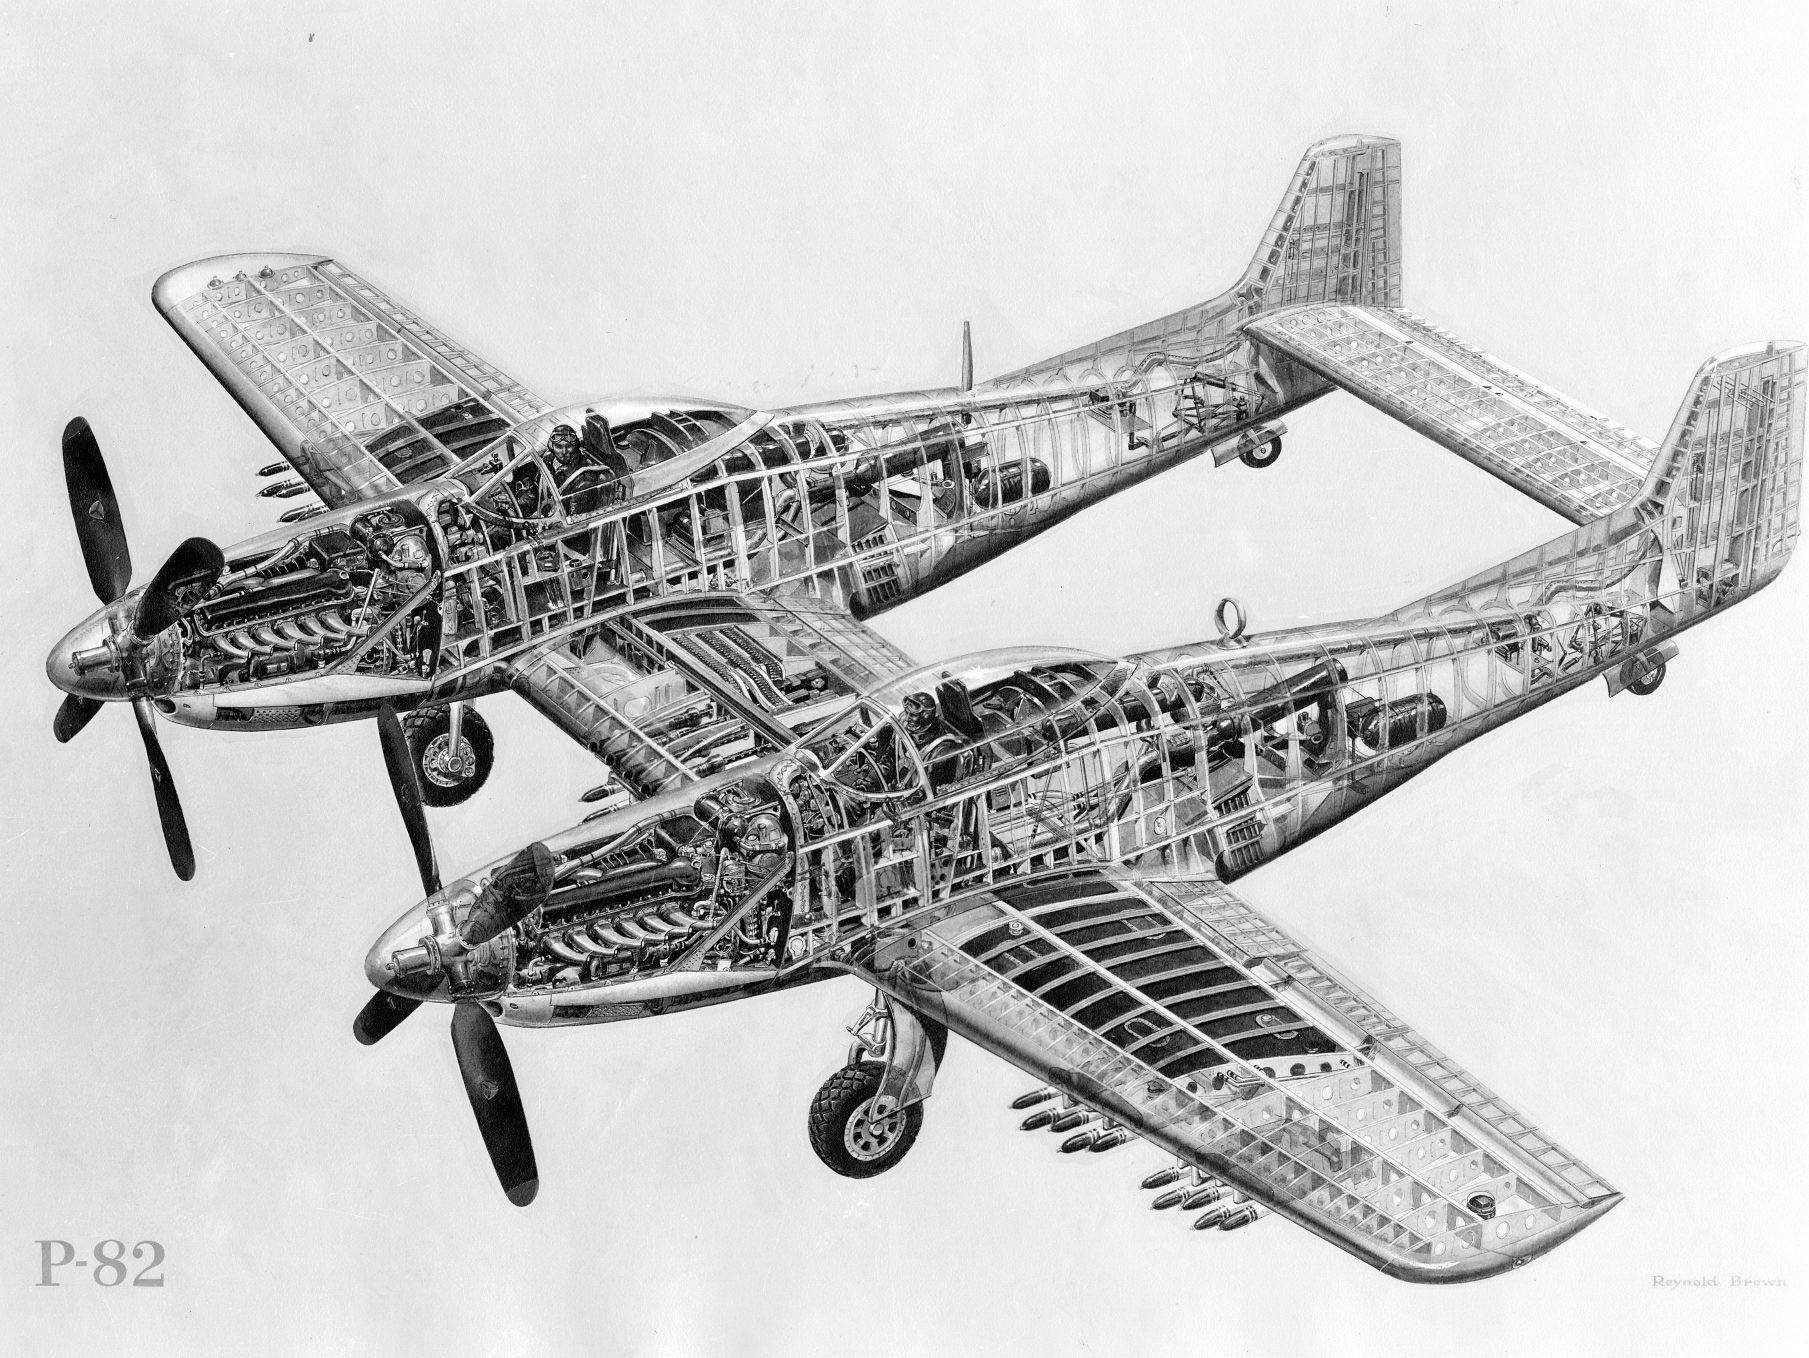 F-82 Twin Mustang cutaway